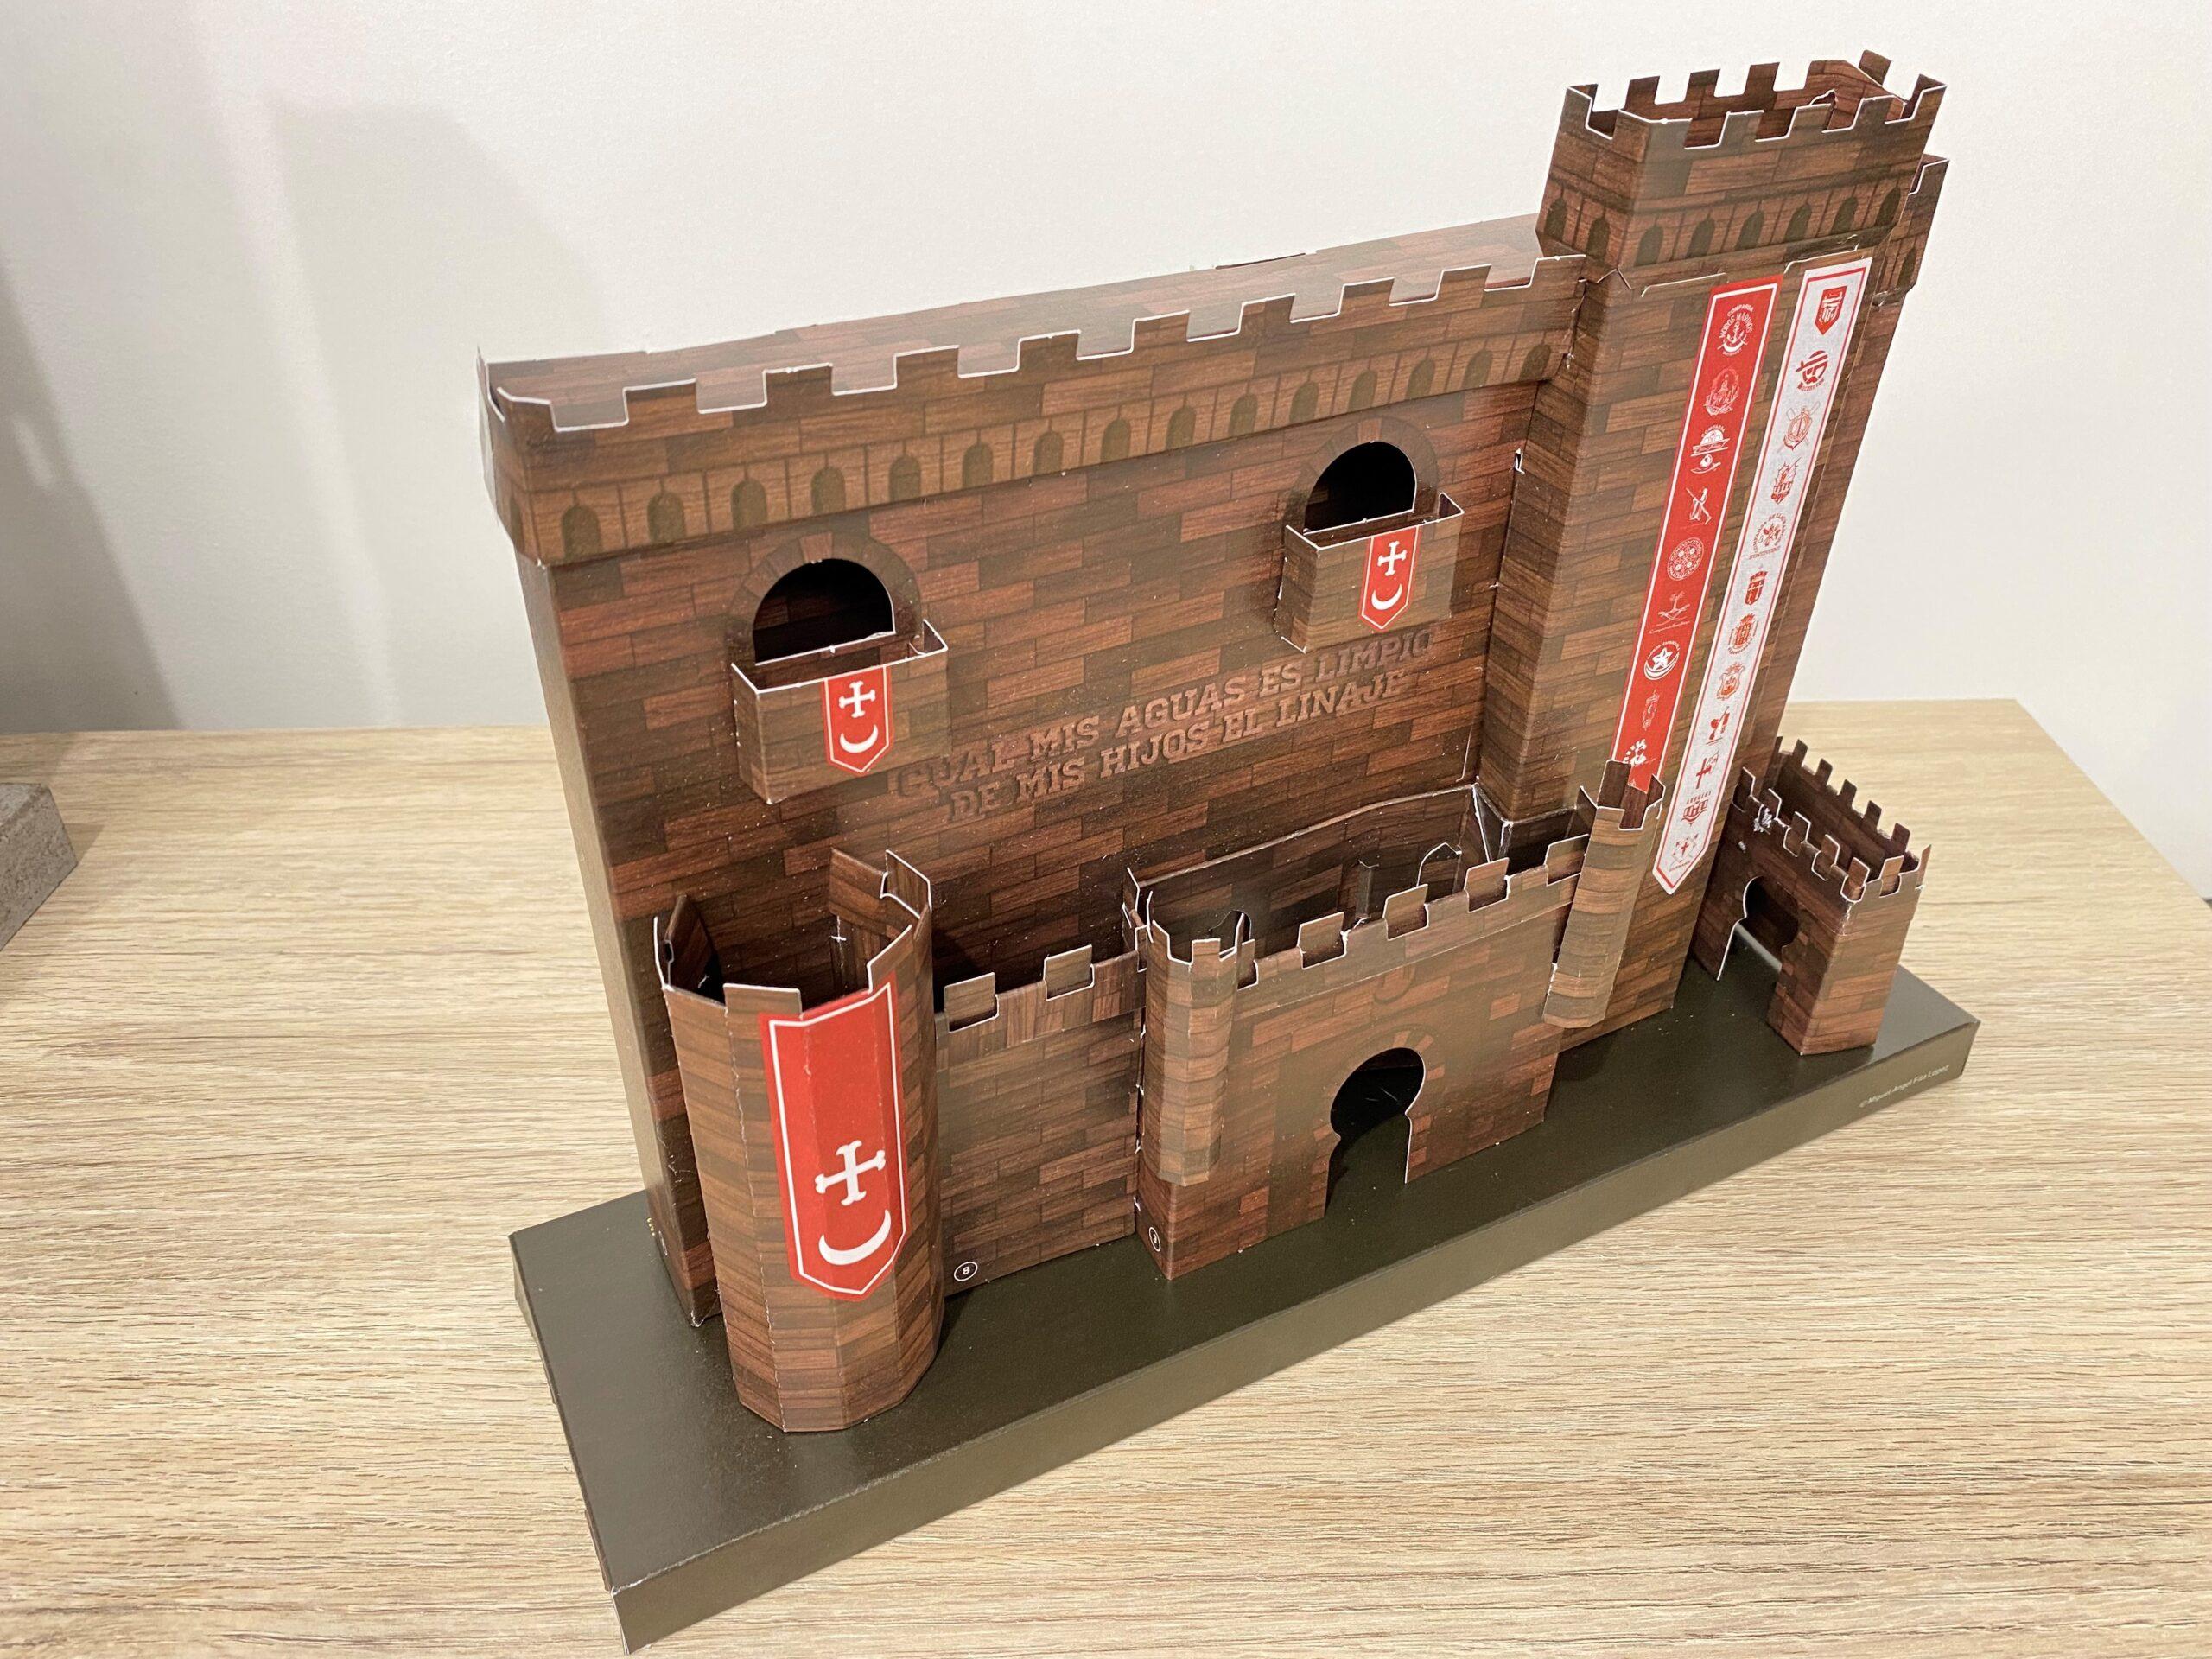 El Periòdic d'Ontinyent et regala la rèplica del Castell de Festes El Periòdic d'Ontinyent - Noticies a Ontinyent